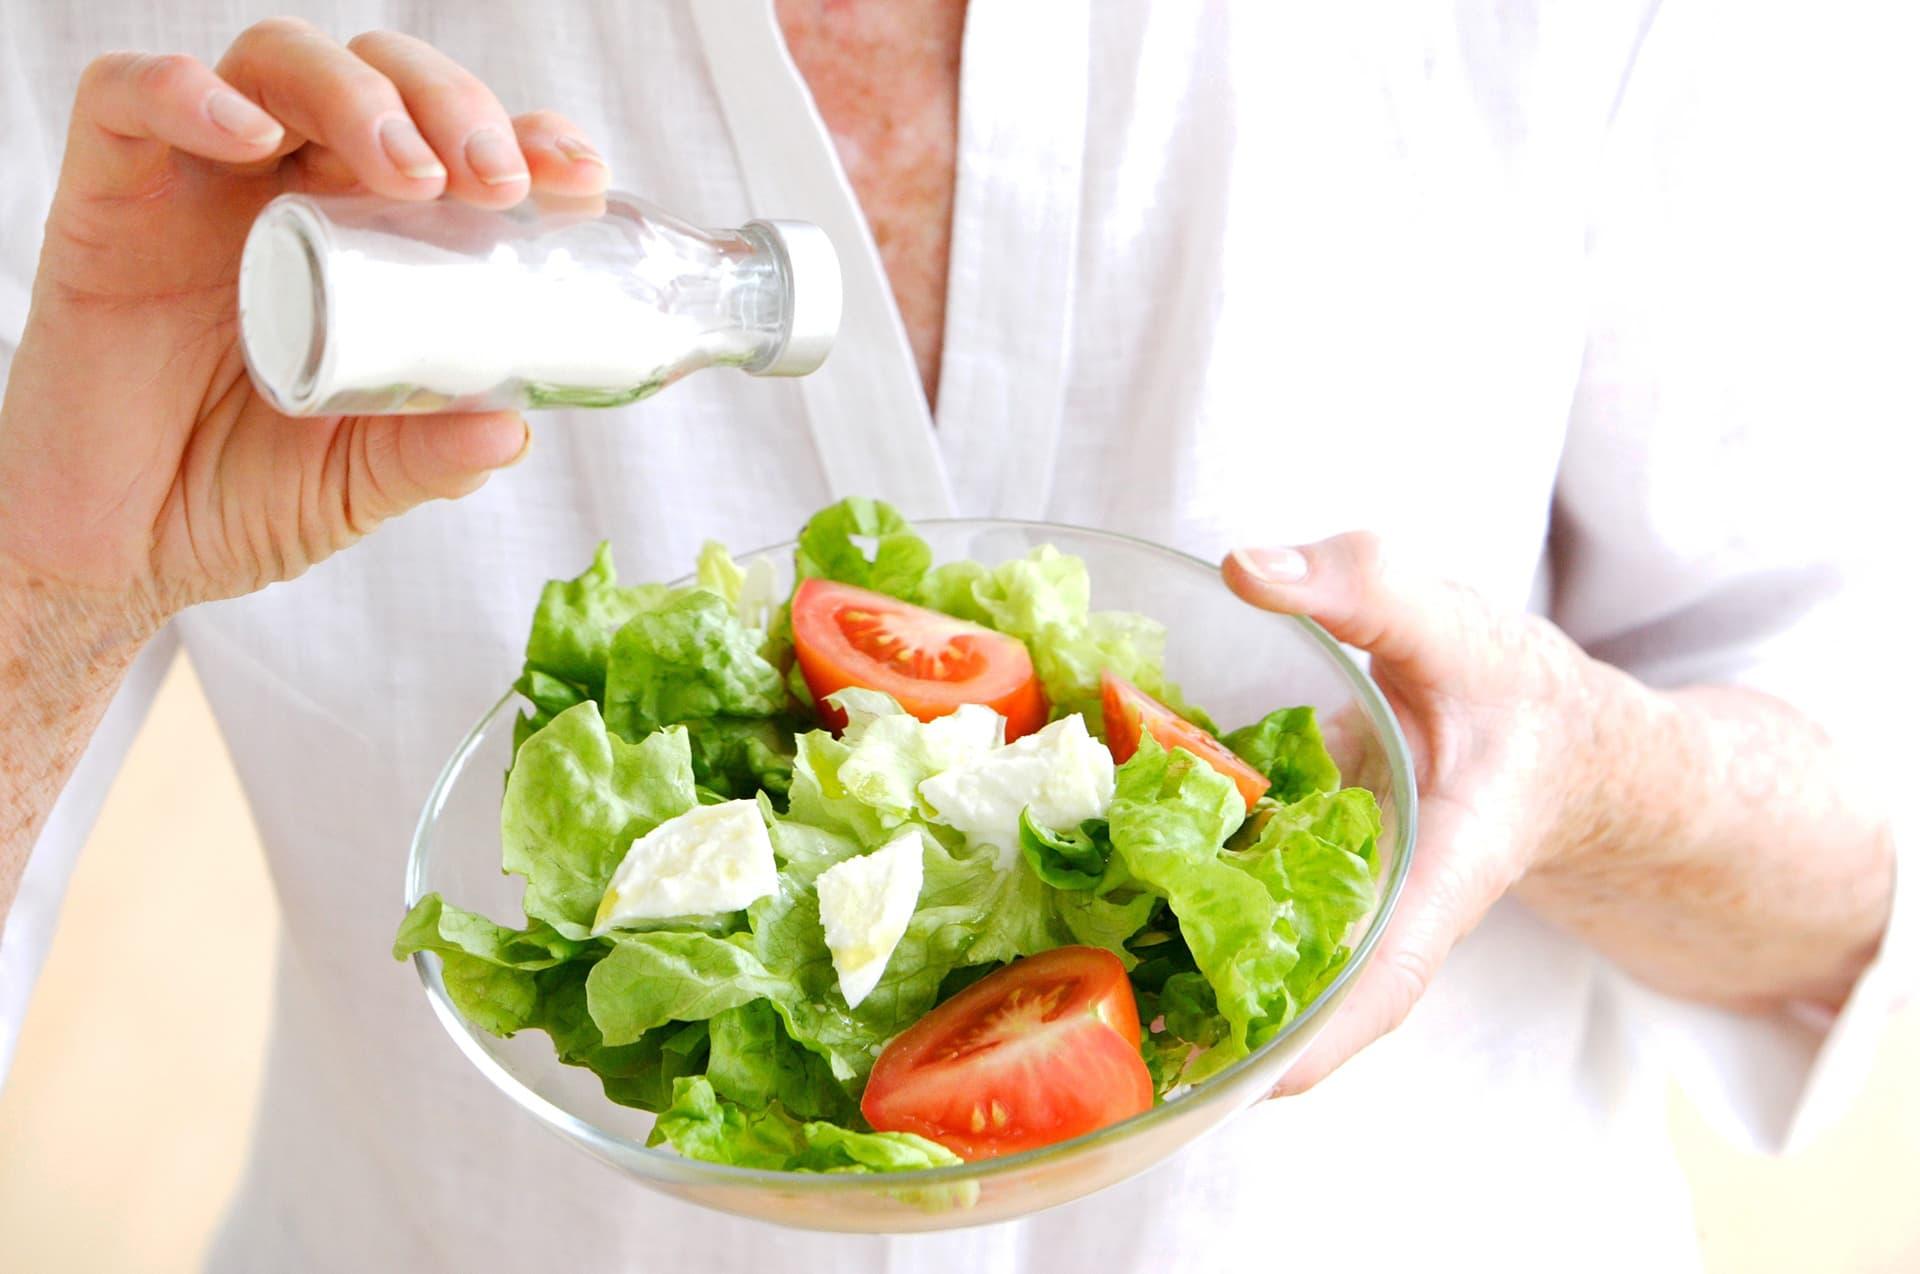 nainen laittaa suolaa salaattiin